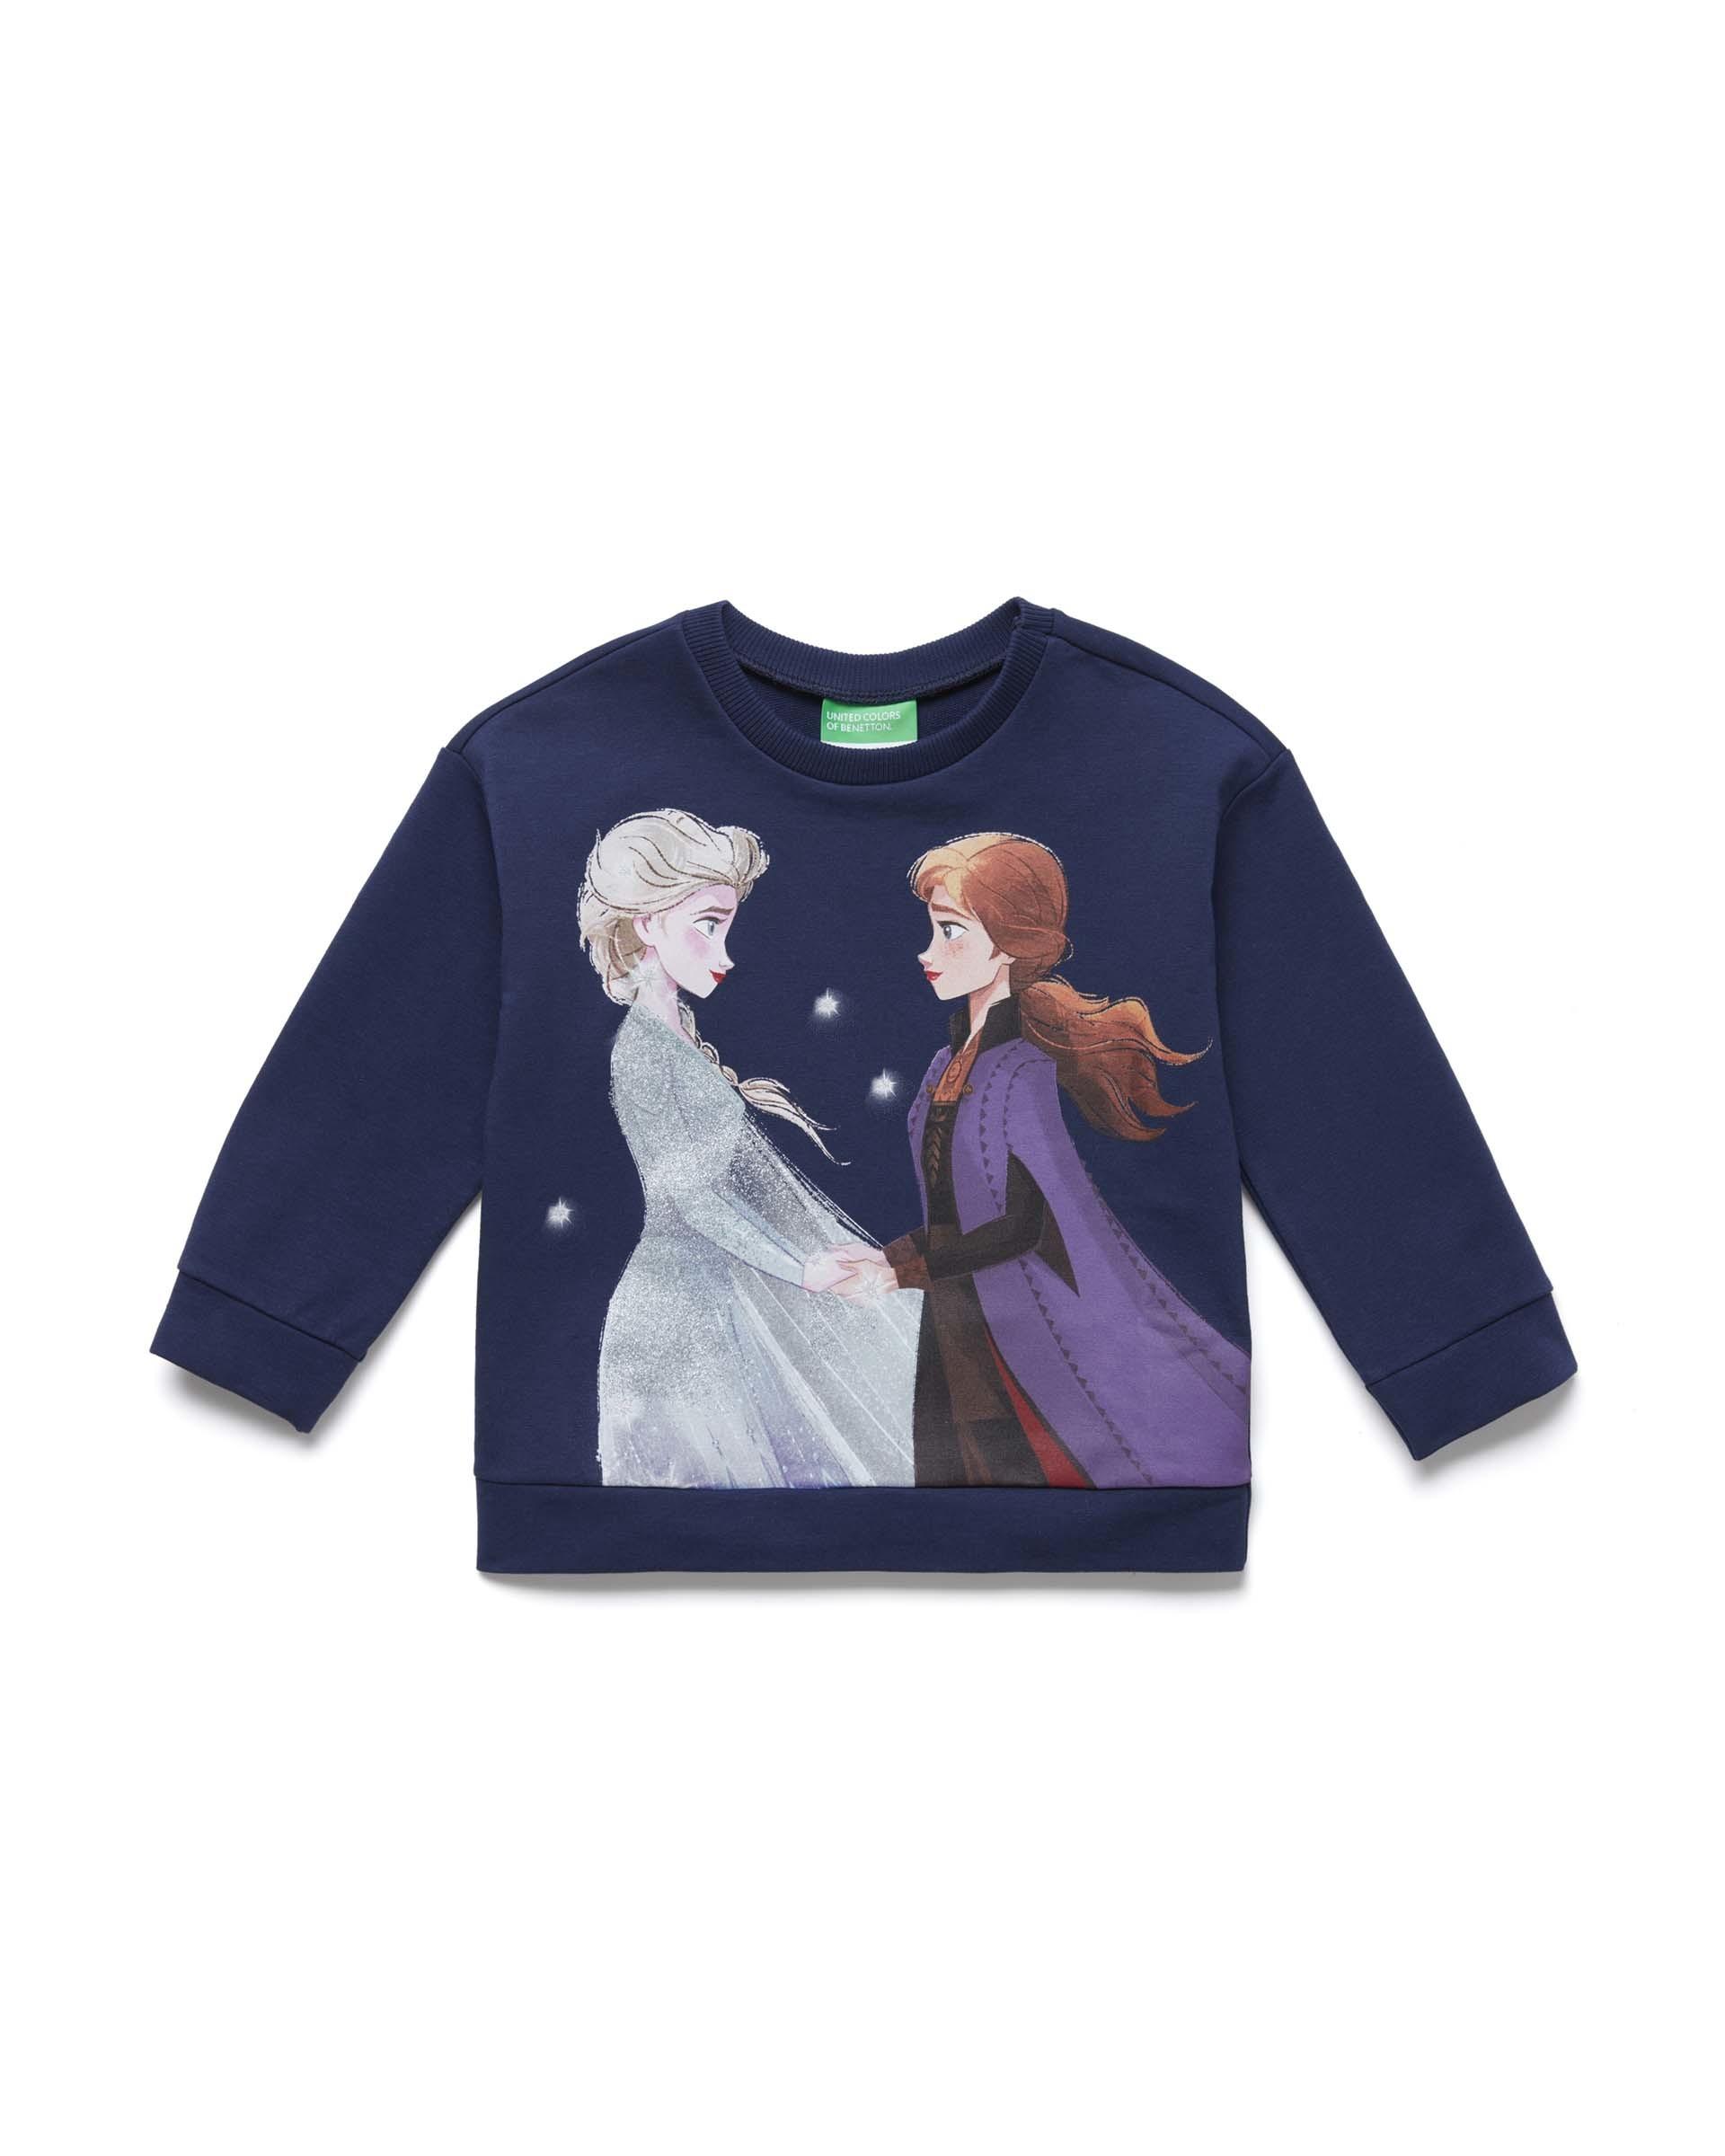 Купить 20P_3I2KC14VU_252, Толстовка для девочек Benetton 3I2KC14VU_252 р-р 80, United Colors of Benetton, Кофточки, футболки для новорожденных